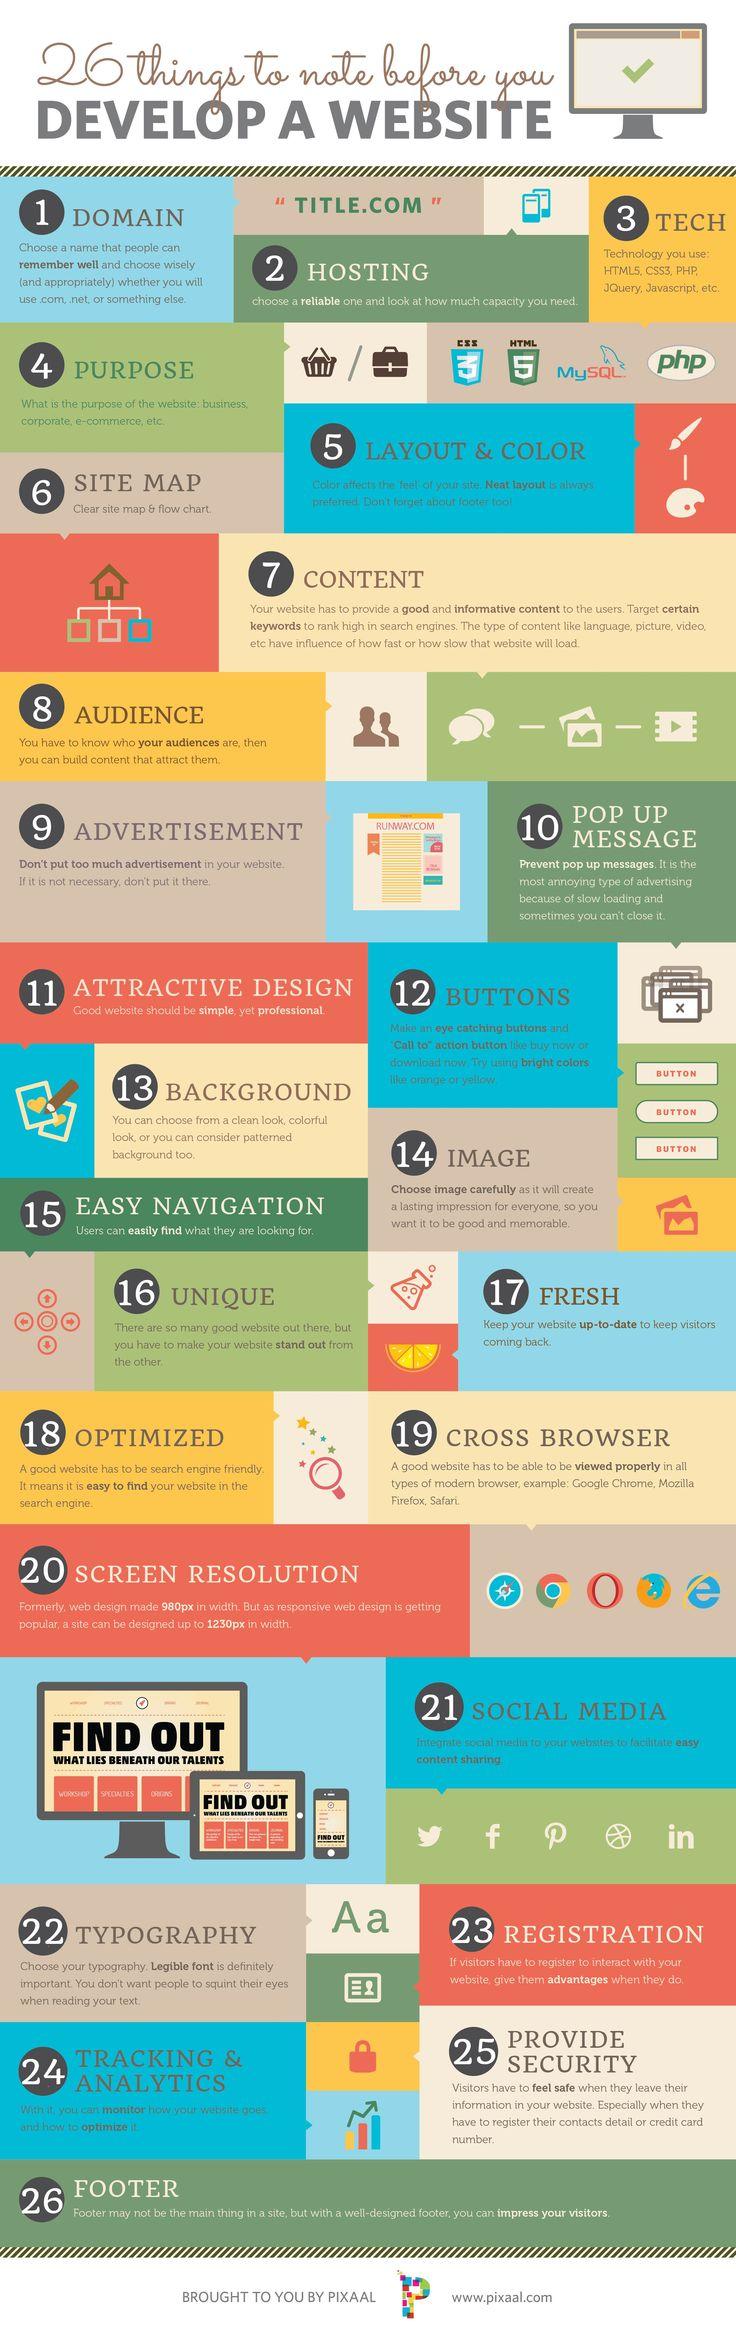 26 cosas a tener en cuenta antes de desarrollar una página web, infografía